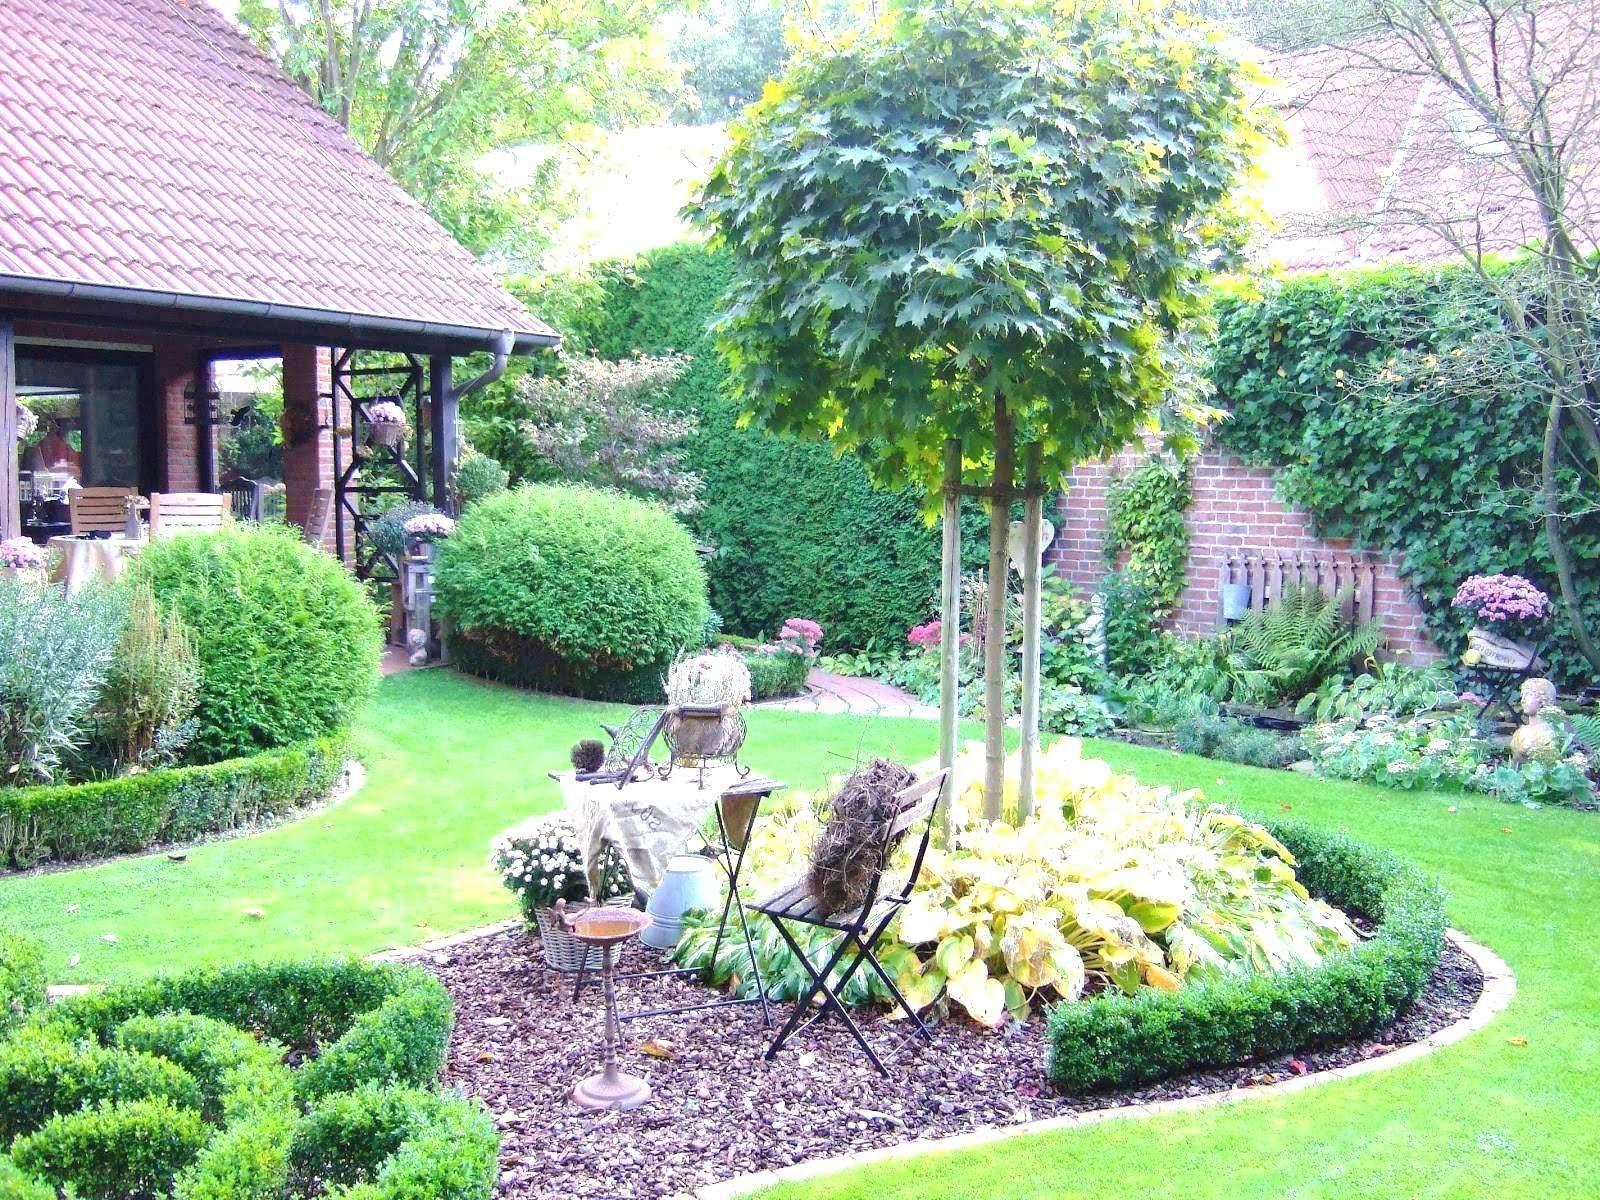 Garten Neu Gestalten Ideen Inspirierend Garten Ideas Garten Anlegen Inspirational Aussenleuchten